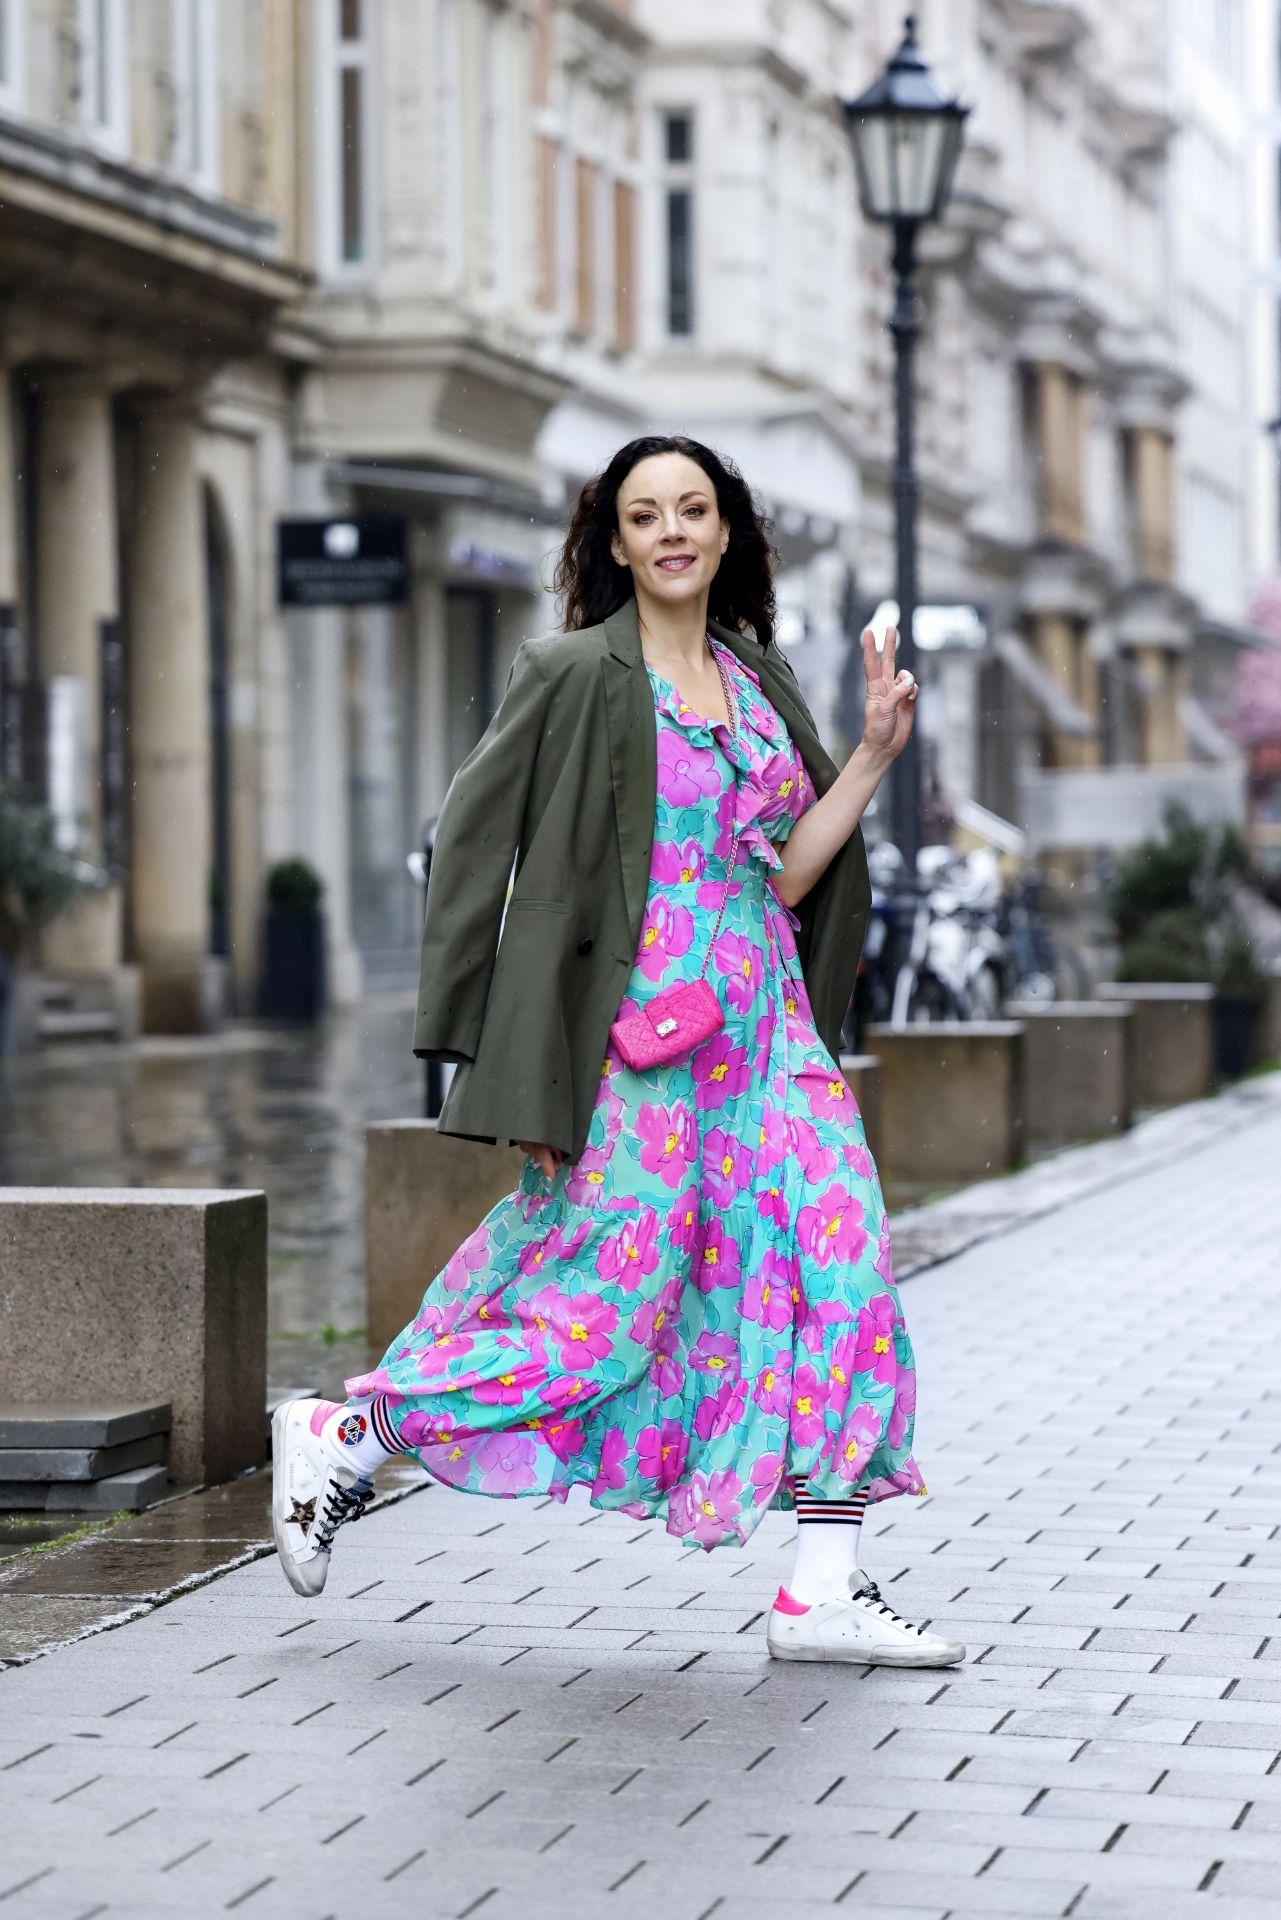 Élénk színű, virágos ruha nem csak jól néz ki, de jobb kedvre is deríthet.